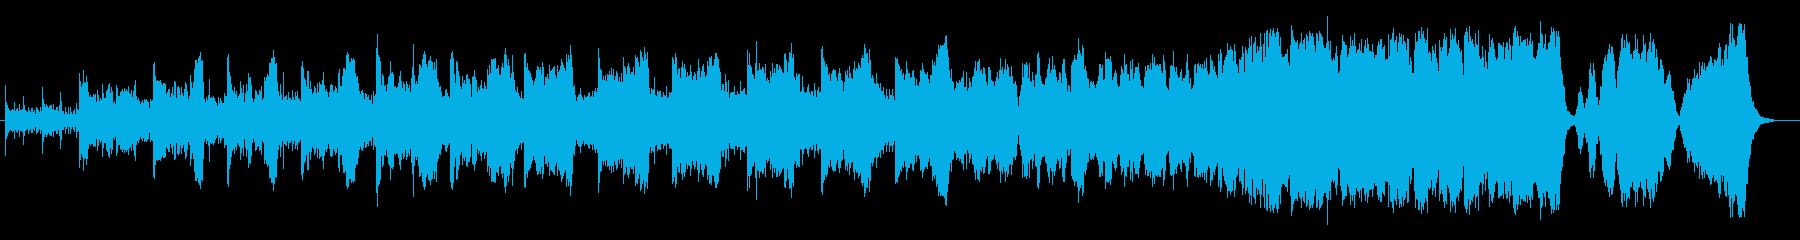 神秘的な教会音楽の再生済みの波形